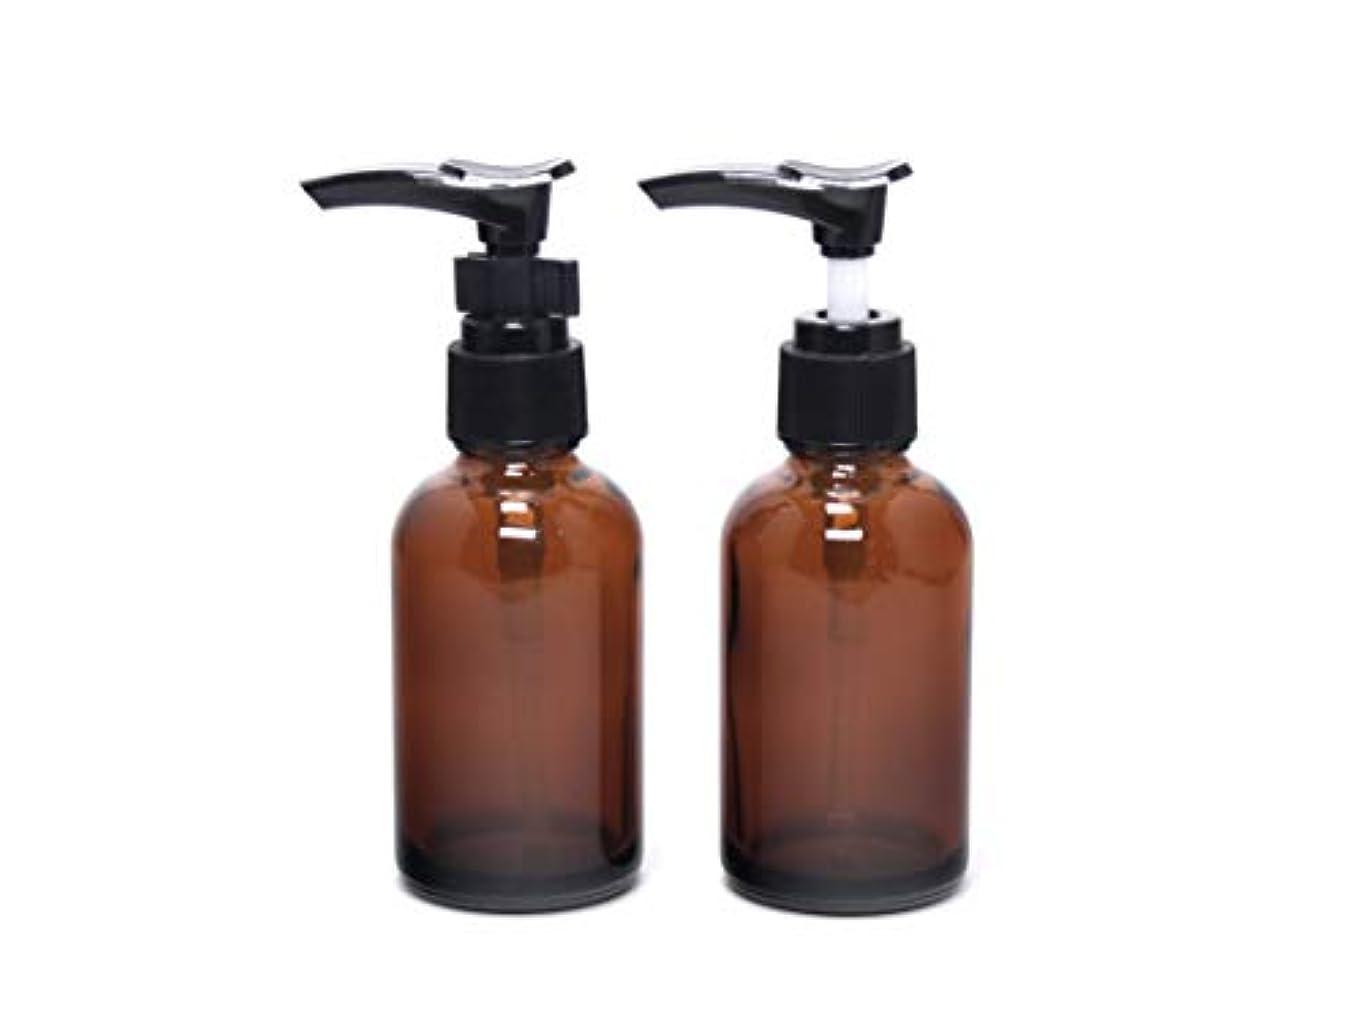 ペッカディロ大陸透明に遮光瓶 ポンプボトル (硝子) 50ml / アンバー ? ブラックポンプヘッド × 2本セット